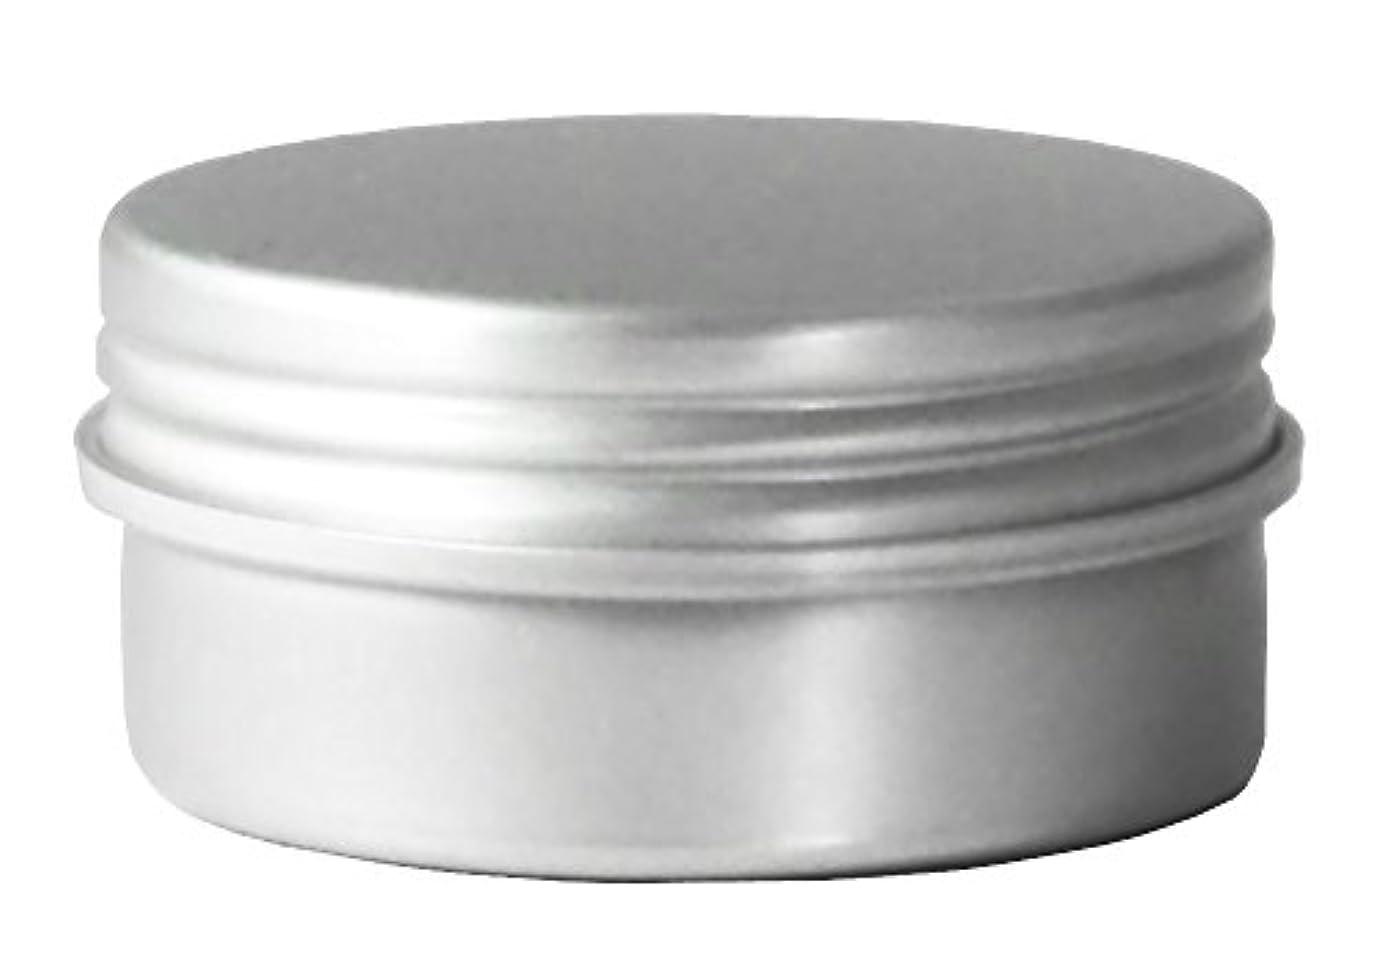 実証する変装した糸アルミキャップ缶 ハイシートパッキン付 12ml 化粧品容器